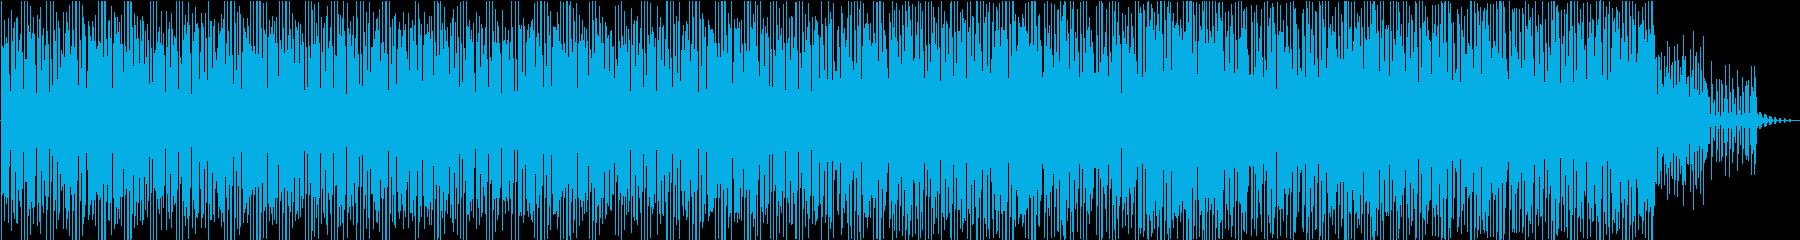 再現V】謎、不思議、事件性を感じるBGMの再生済みの波形